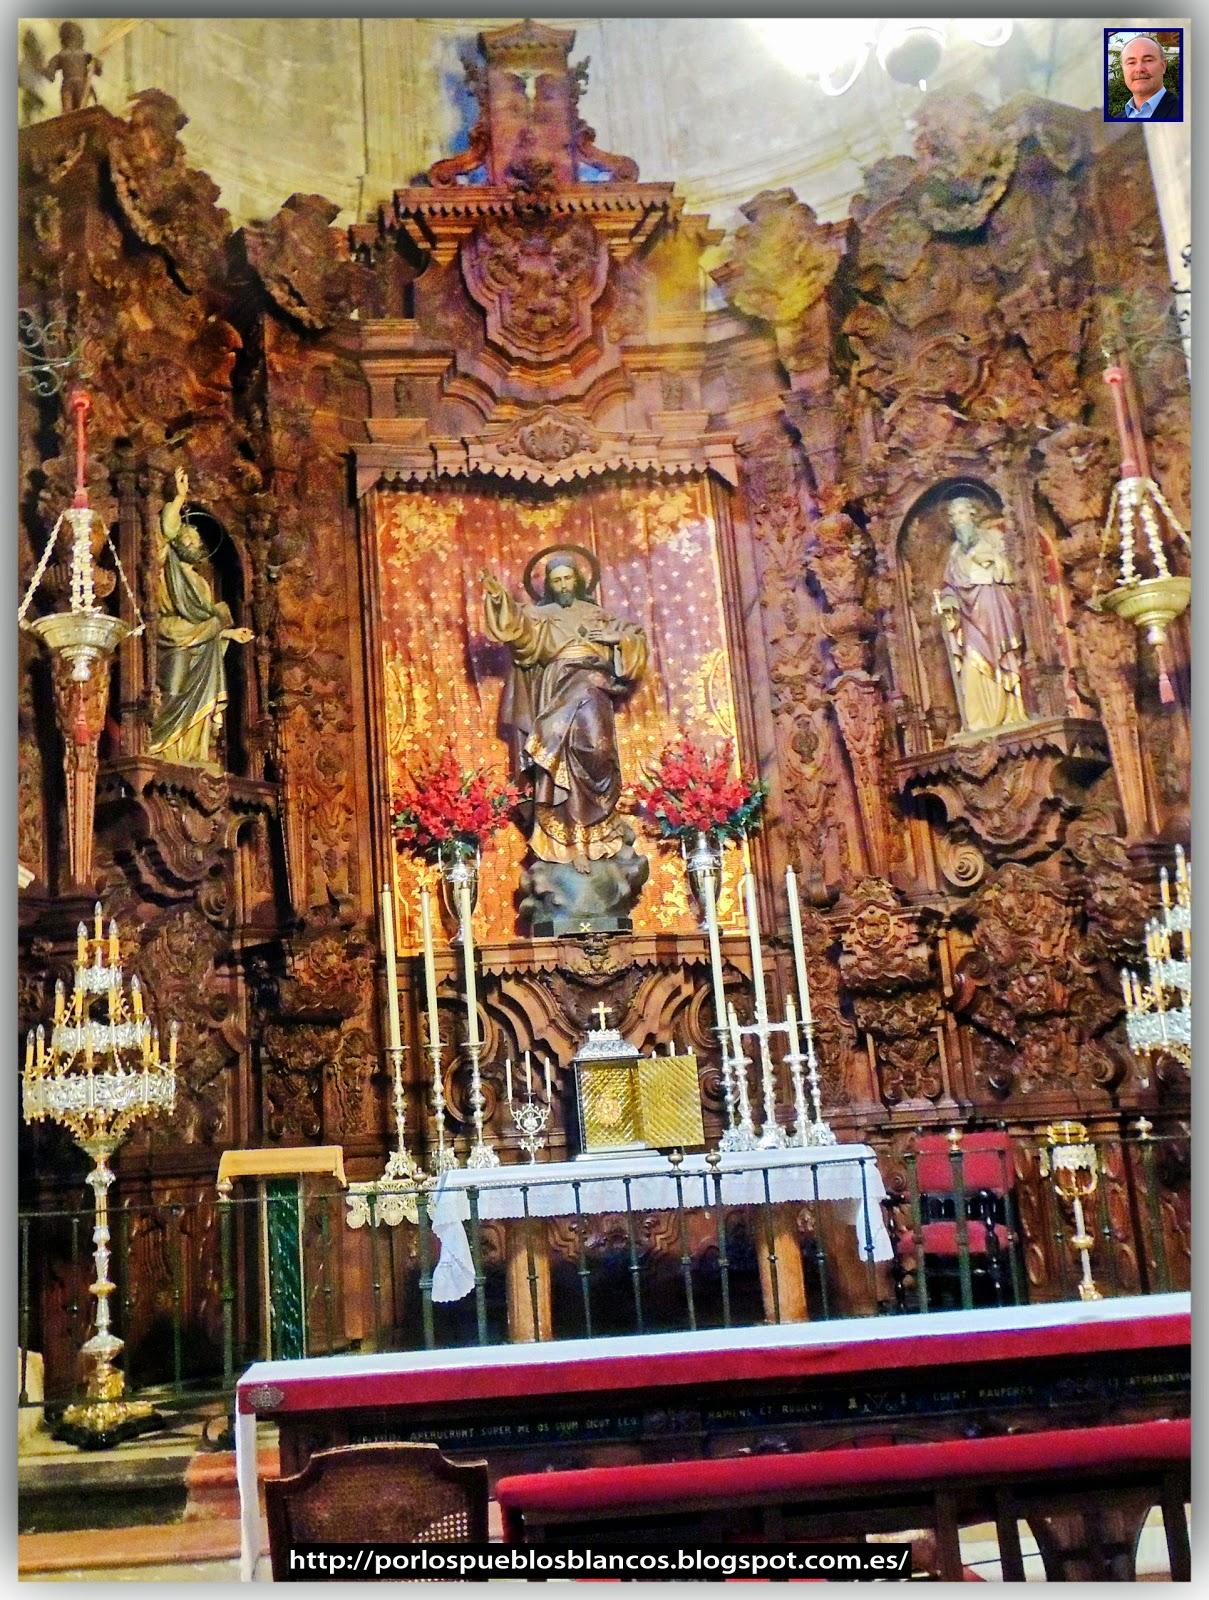 De Izquierda a derecha: San Pedro, Sagrado Corazón y San Pablo.